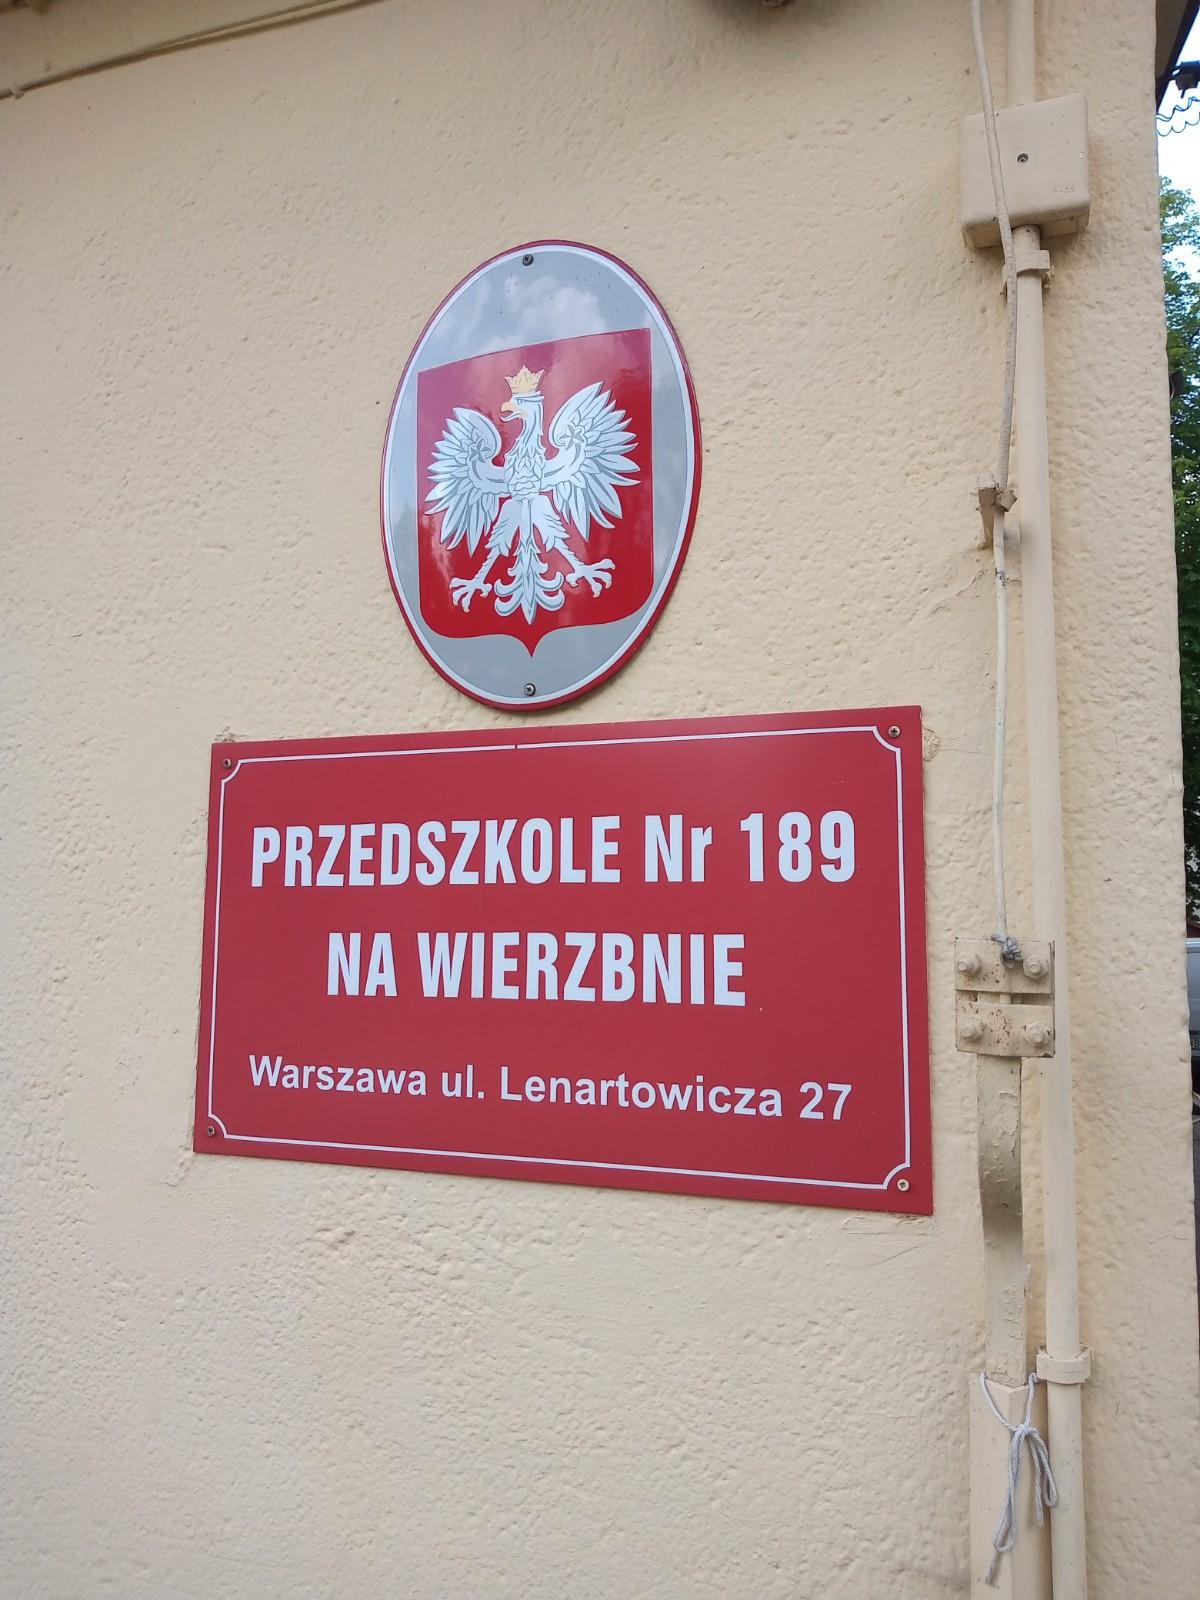 Przedszkole nr 189 na Wierzbnie